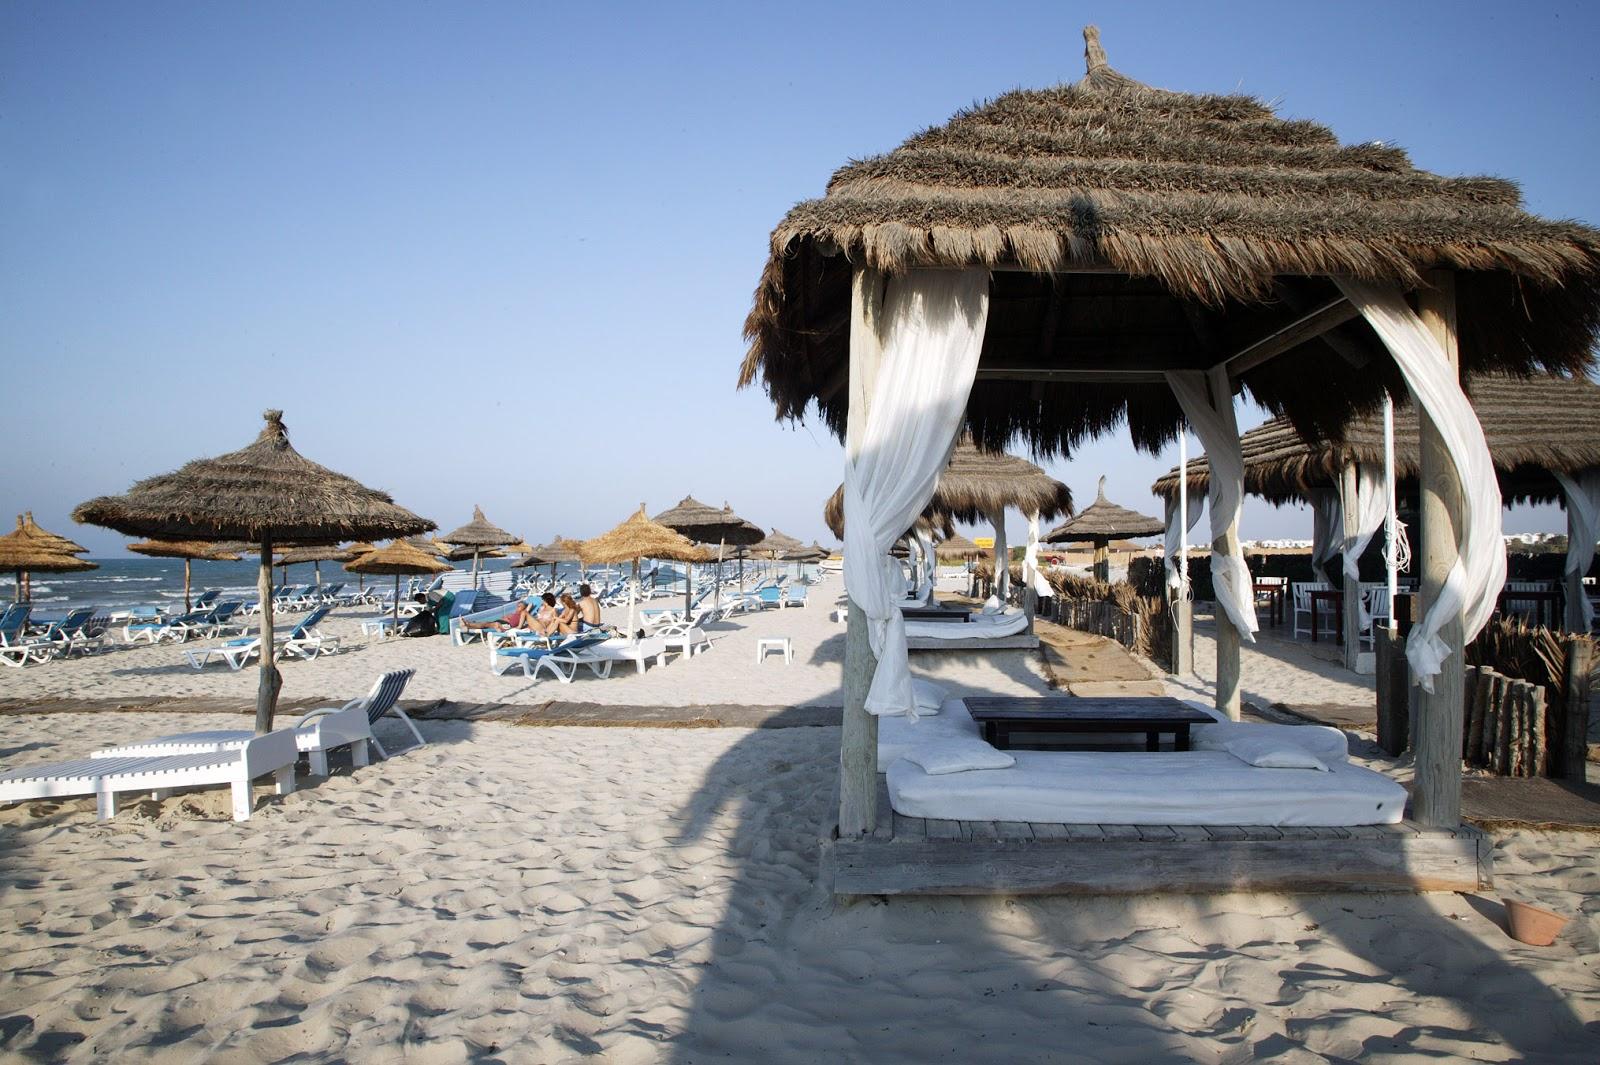 осенний тунис отдых остров джерба фото делать